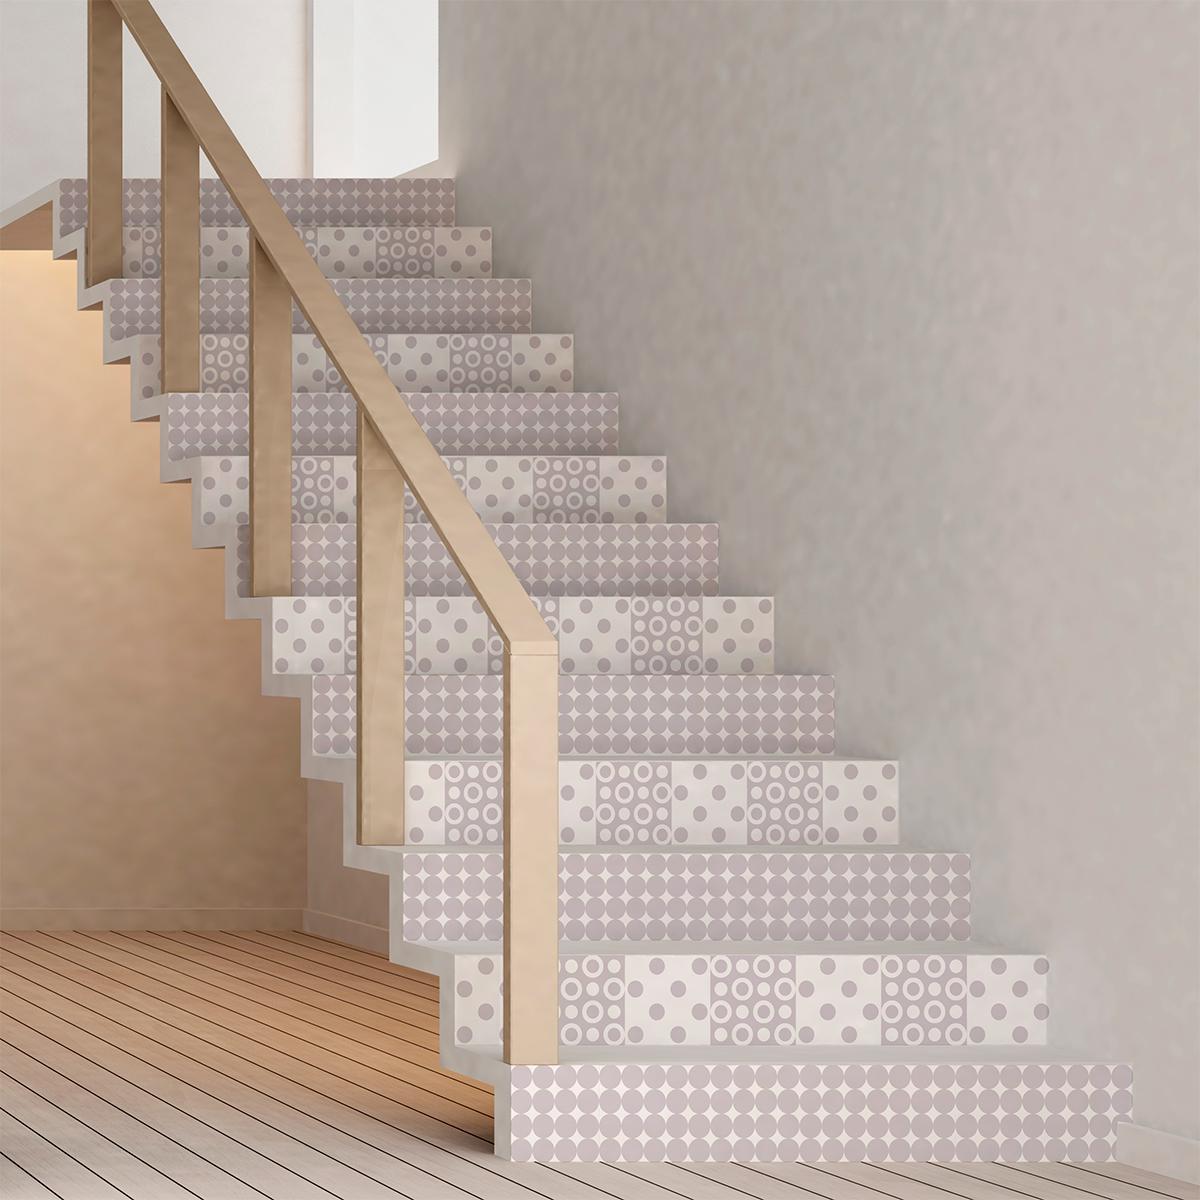 stickers escalier carreaux de ciment bj rn x 2 ambiance. Black Bedroom Furniture Sets. Home Design Ideas